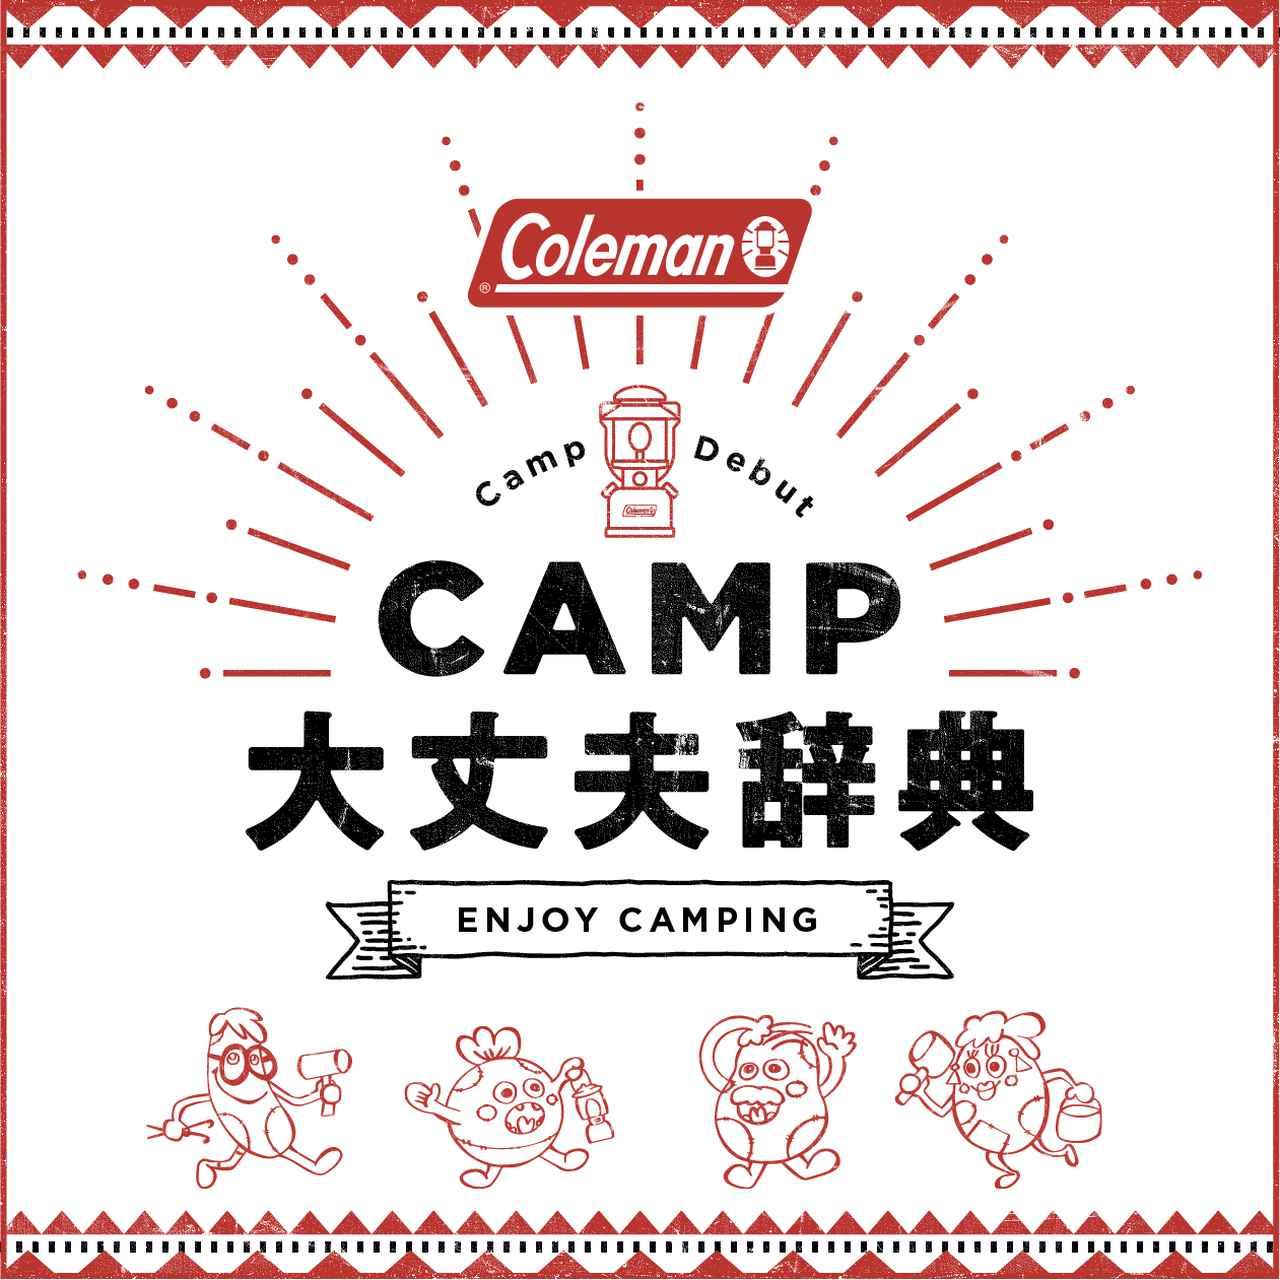 画像: CAMP(キャンプ)大丈夫辞典   コールマン Coleman